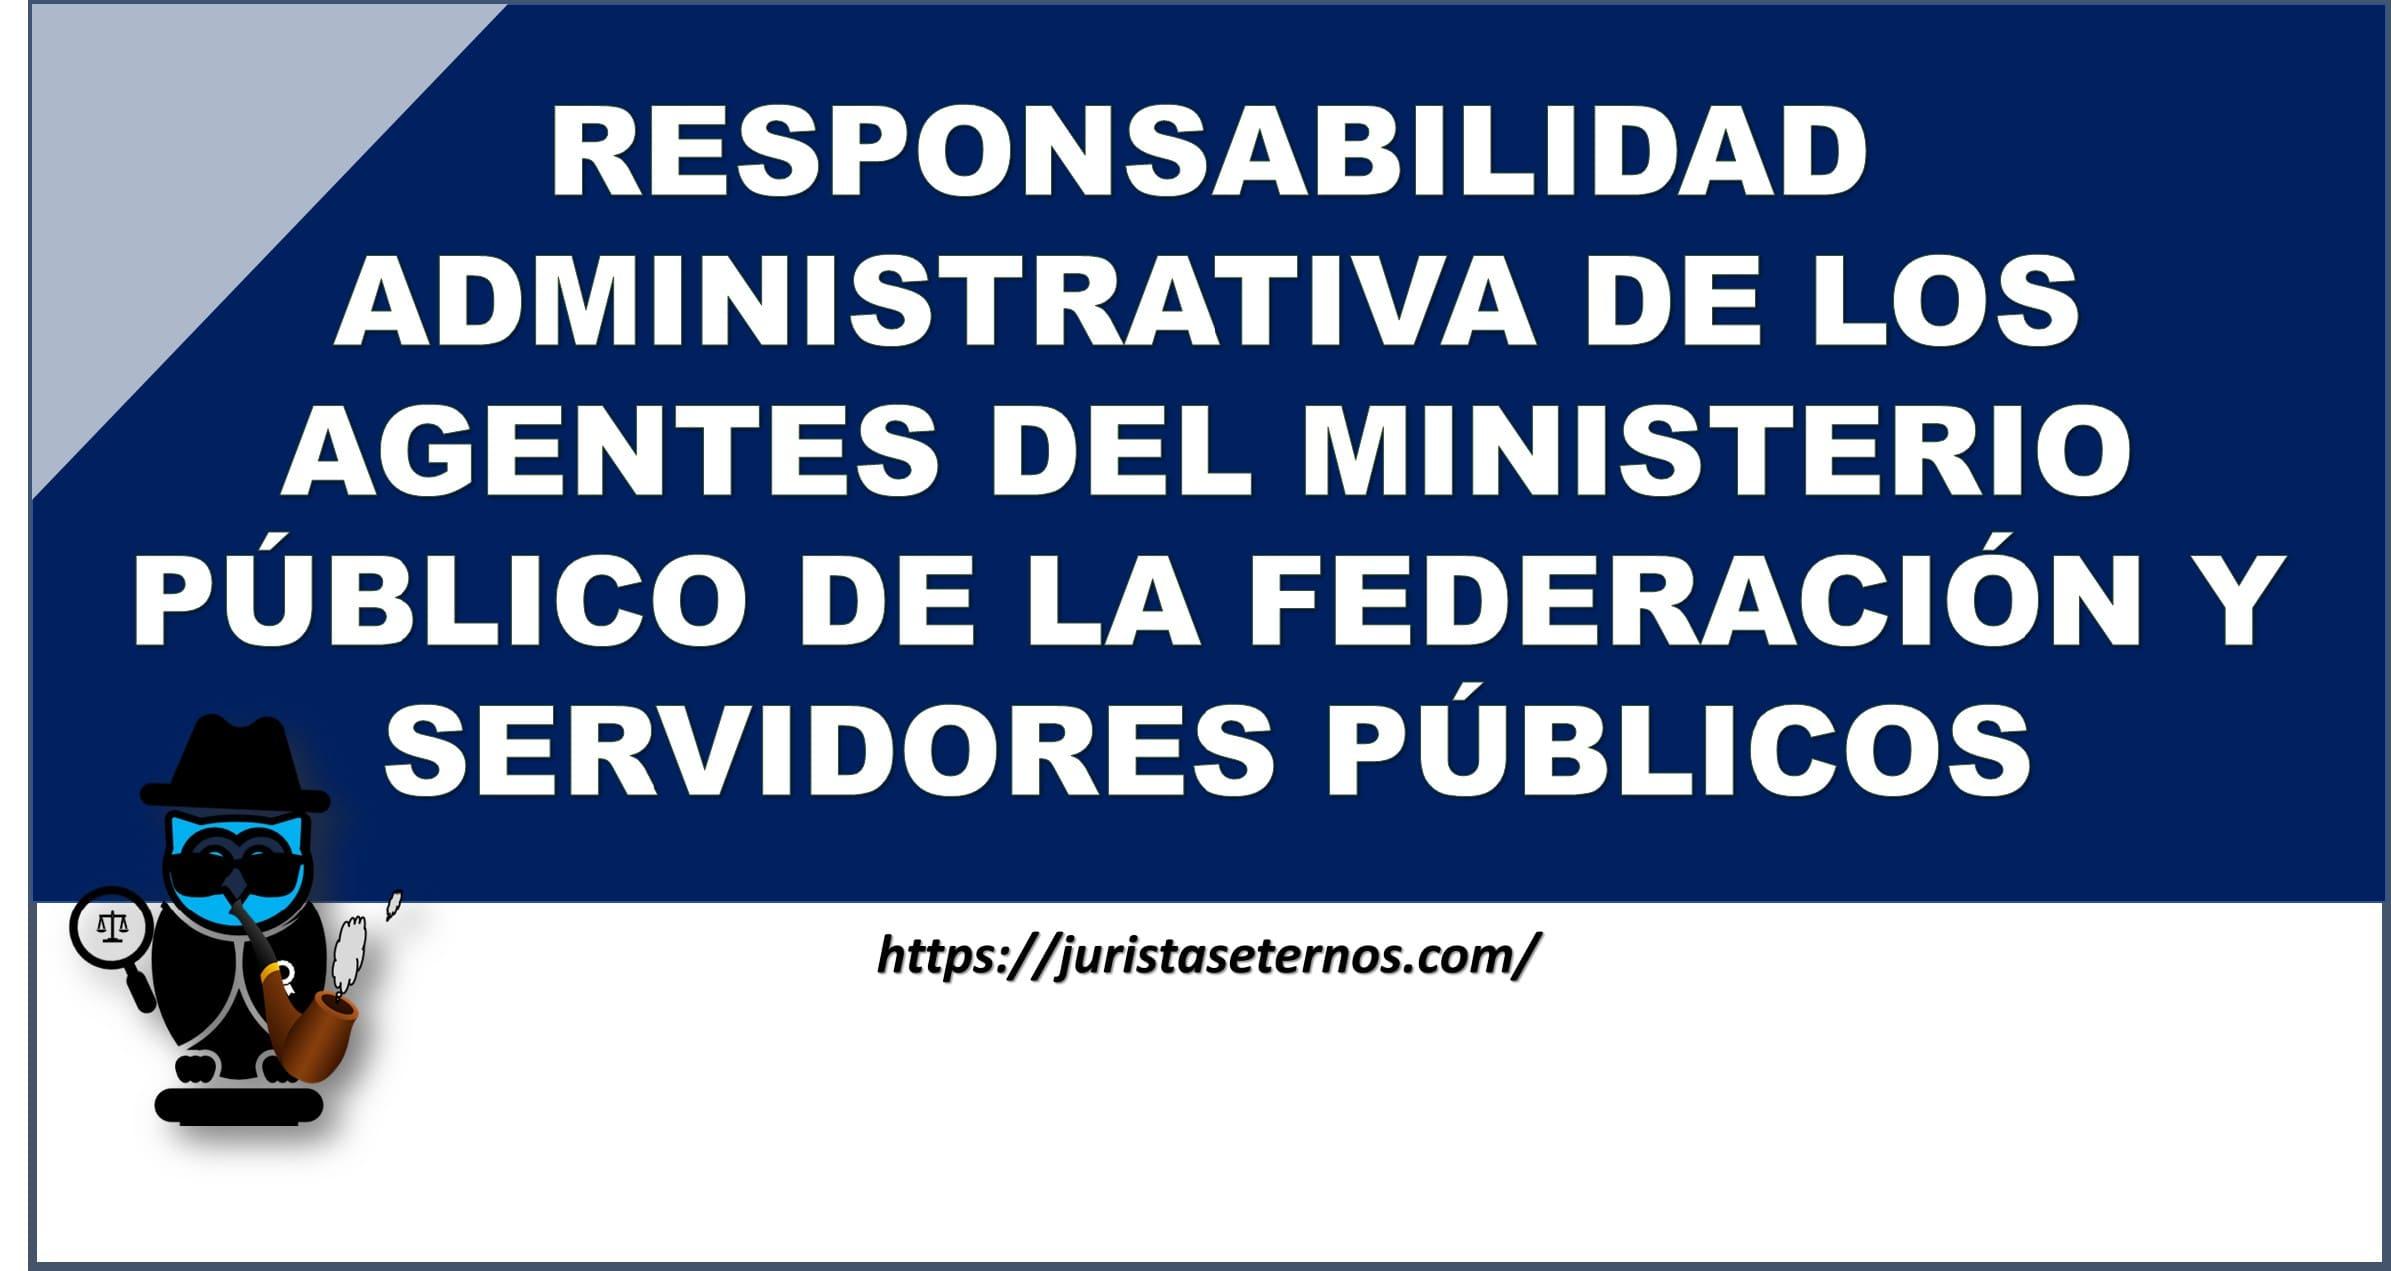 responsabilidad administrativa de los agentes del ministerio publico de la federacion y servidores publicos